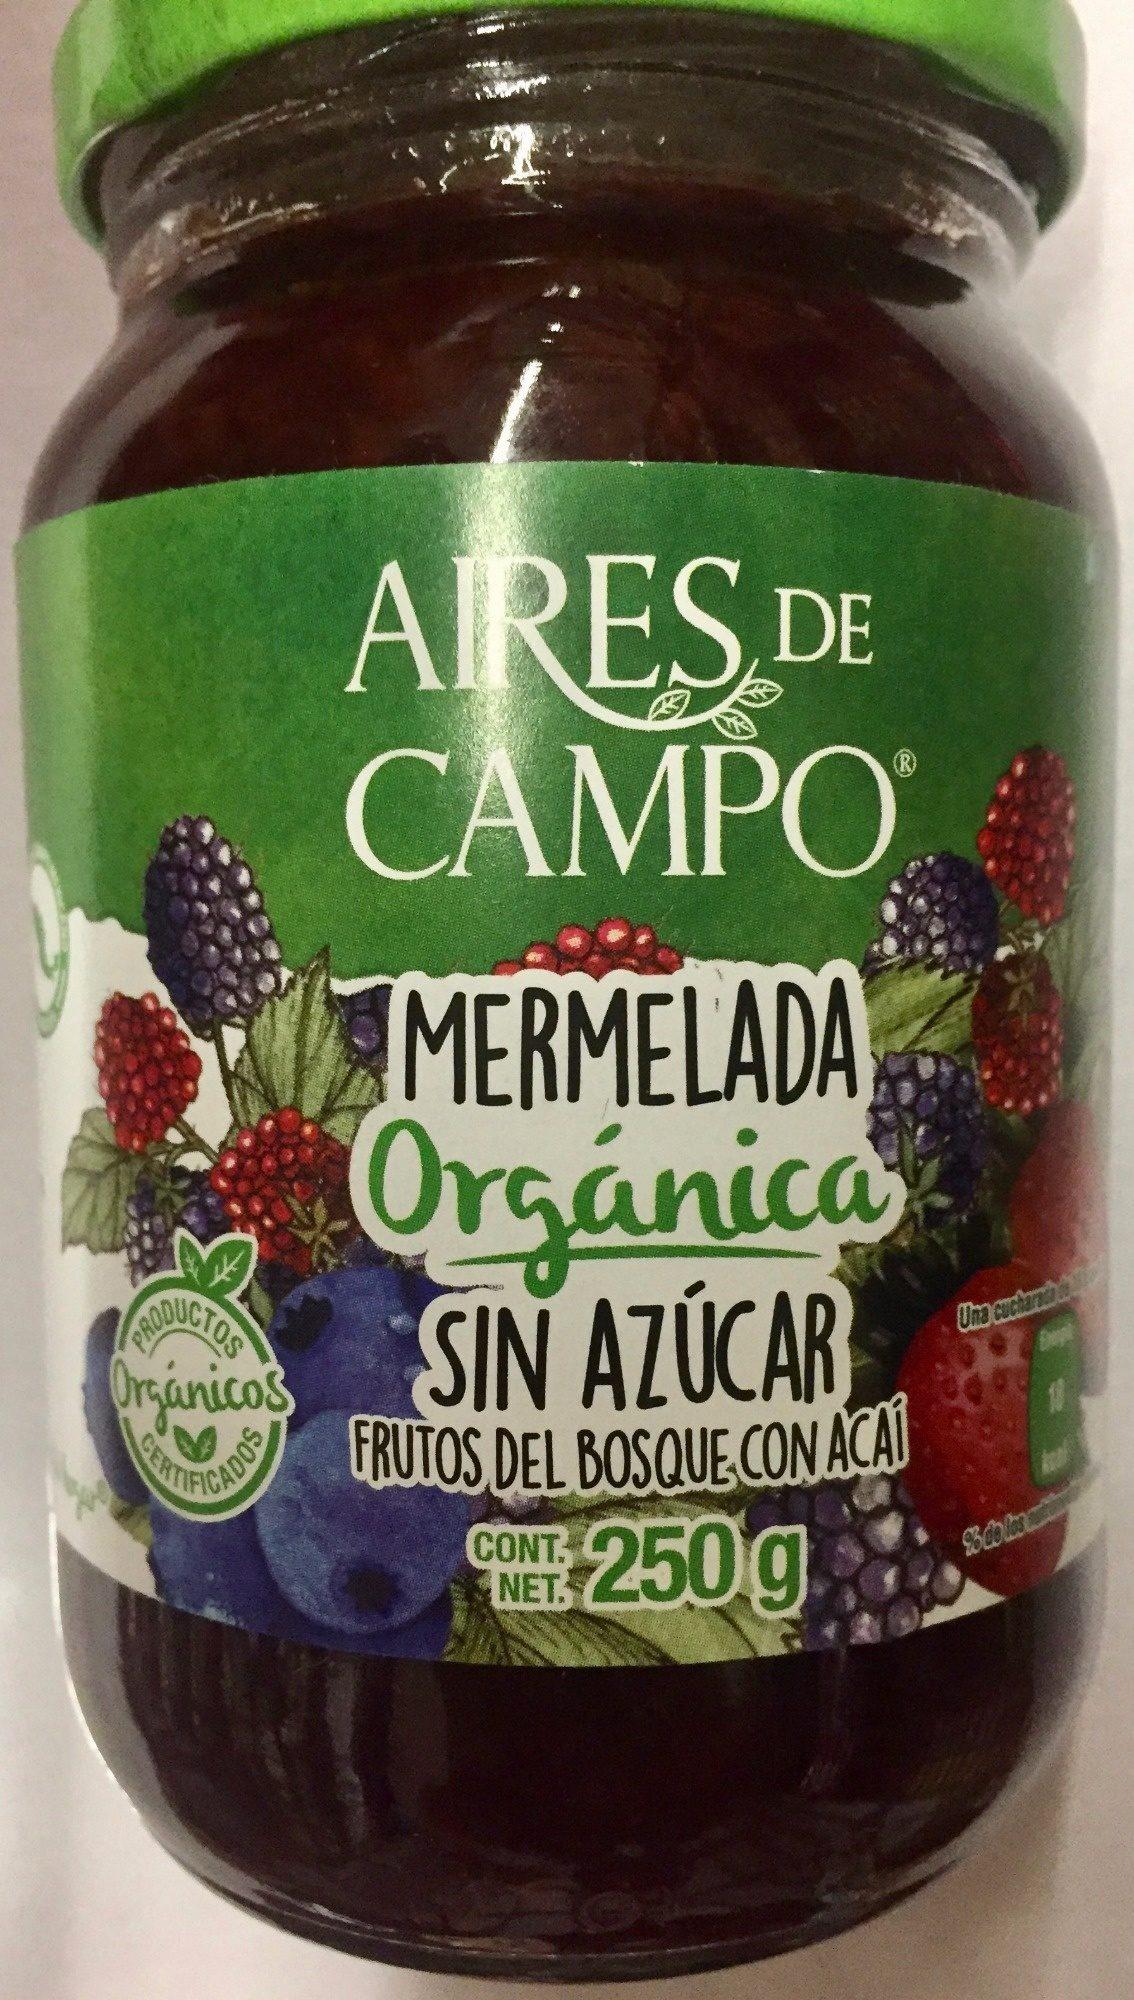 MERMELADA ORGANICA SIN AZUCAR - Product